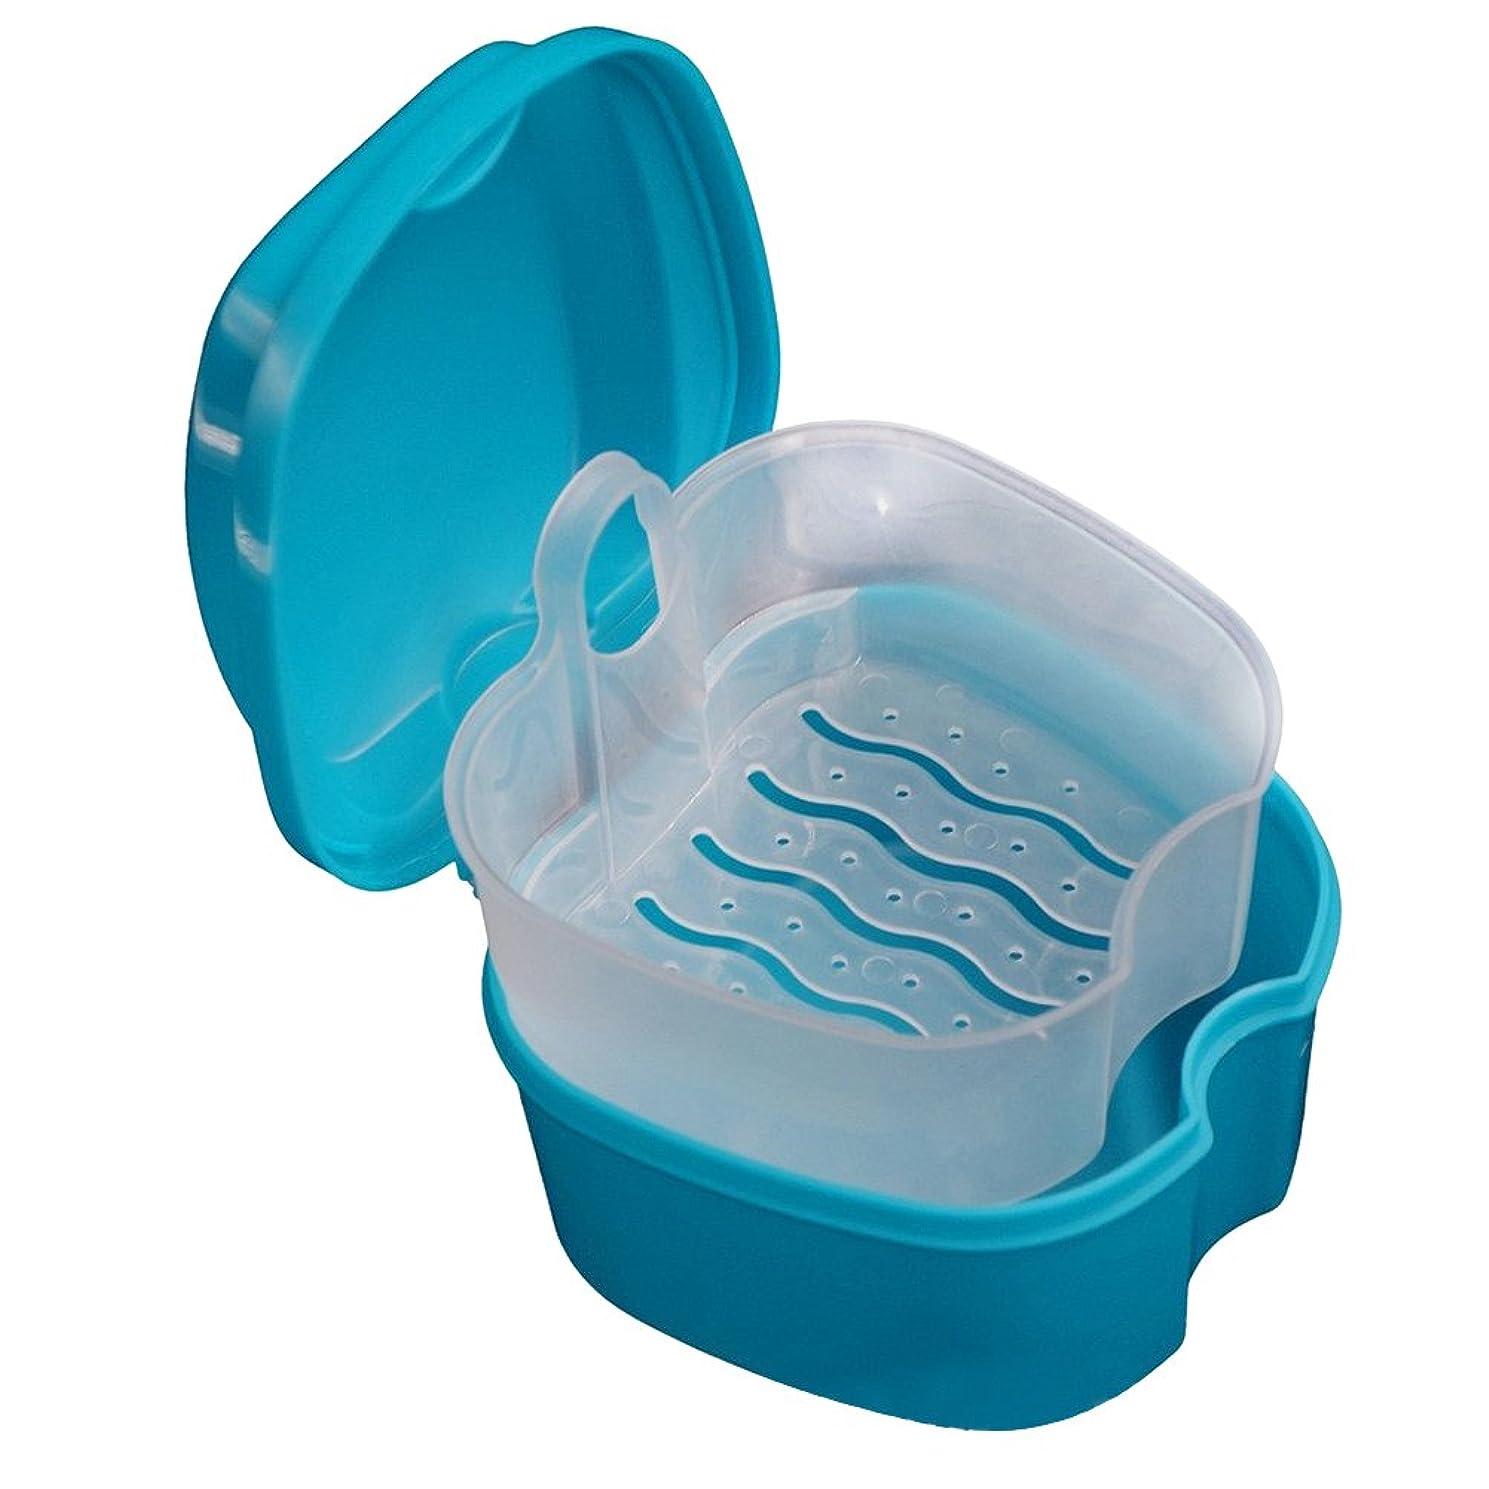 敵意安定しましたリーROSENICE 入れ歯収納 入れ歯ケース 義歯ケース 義歯ボックス 義歯収納容器 リテーナーボックス 家庭旅行用 ストレーナー付き 洗浄(スカイブルー)